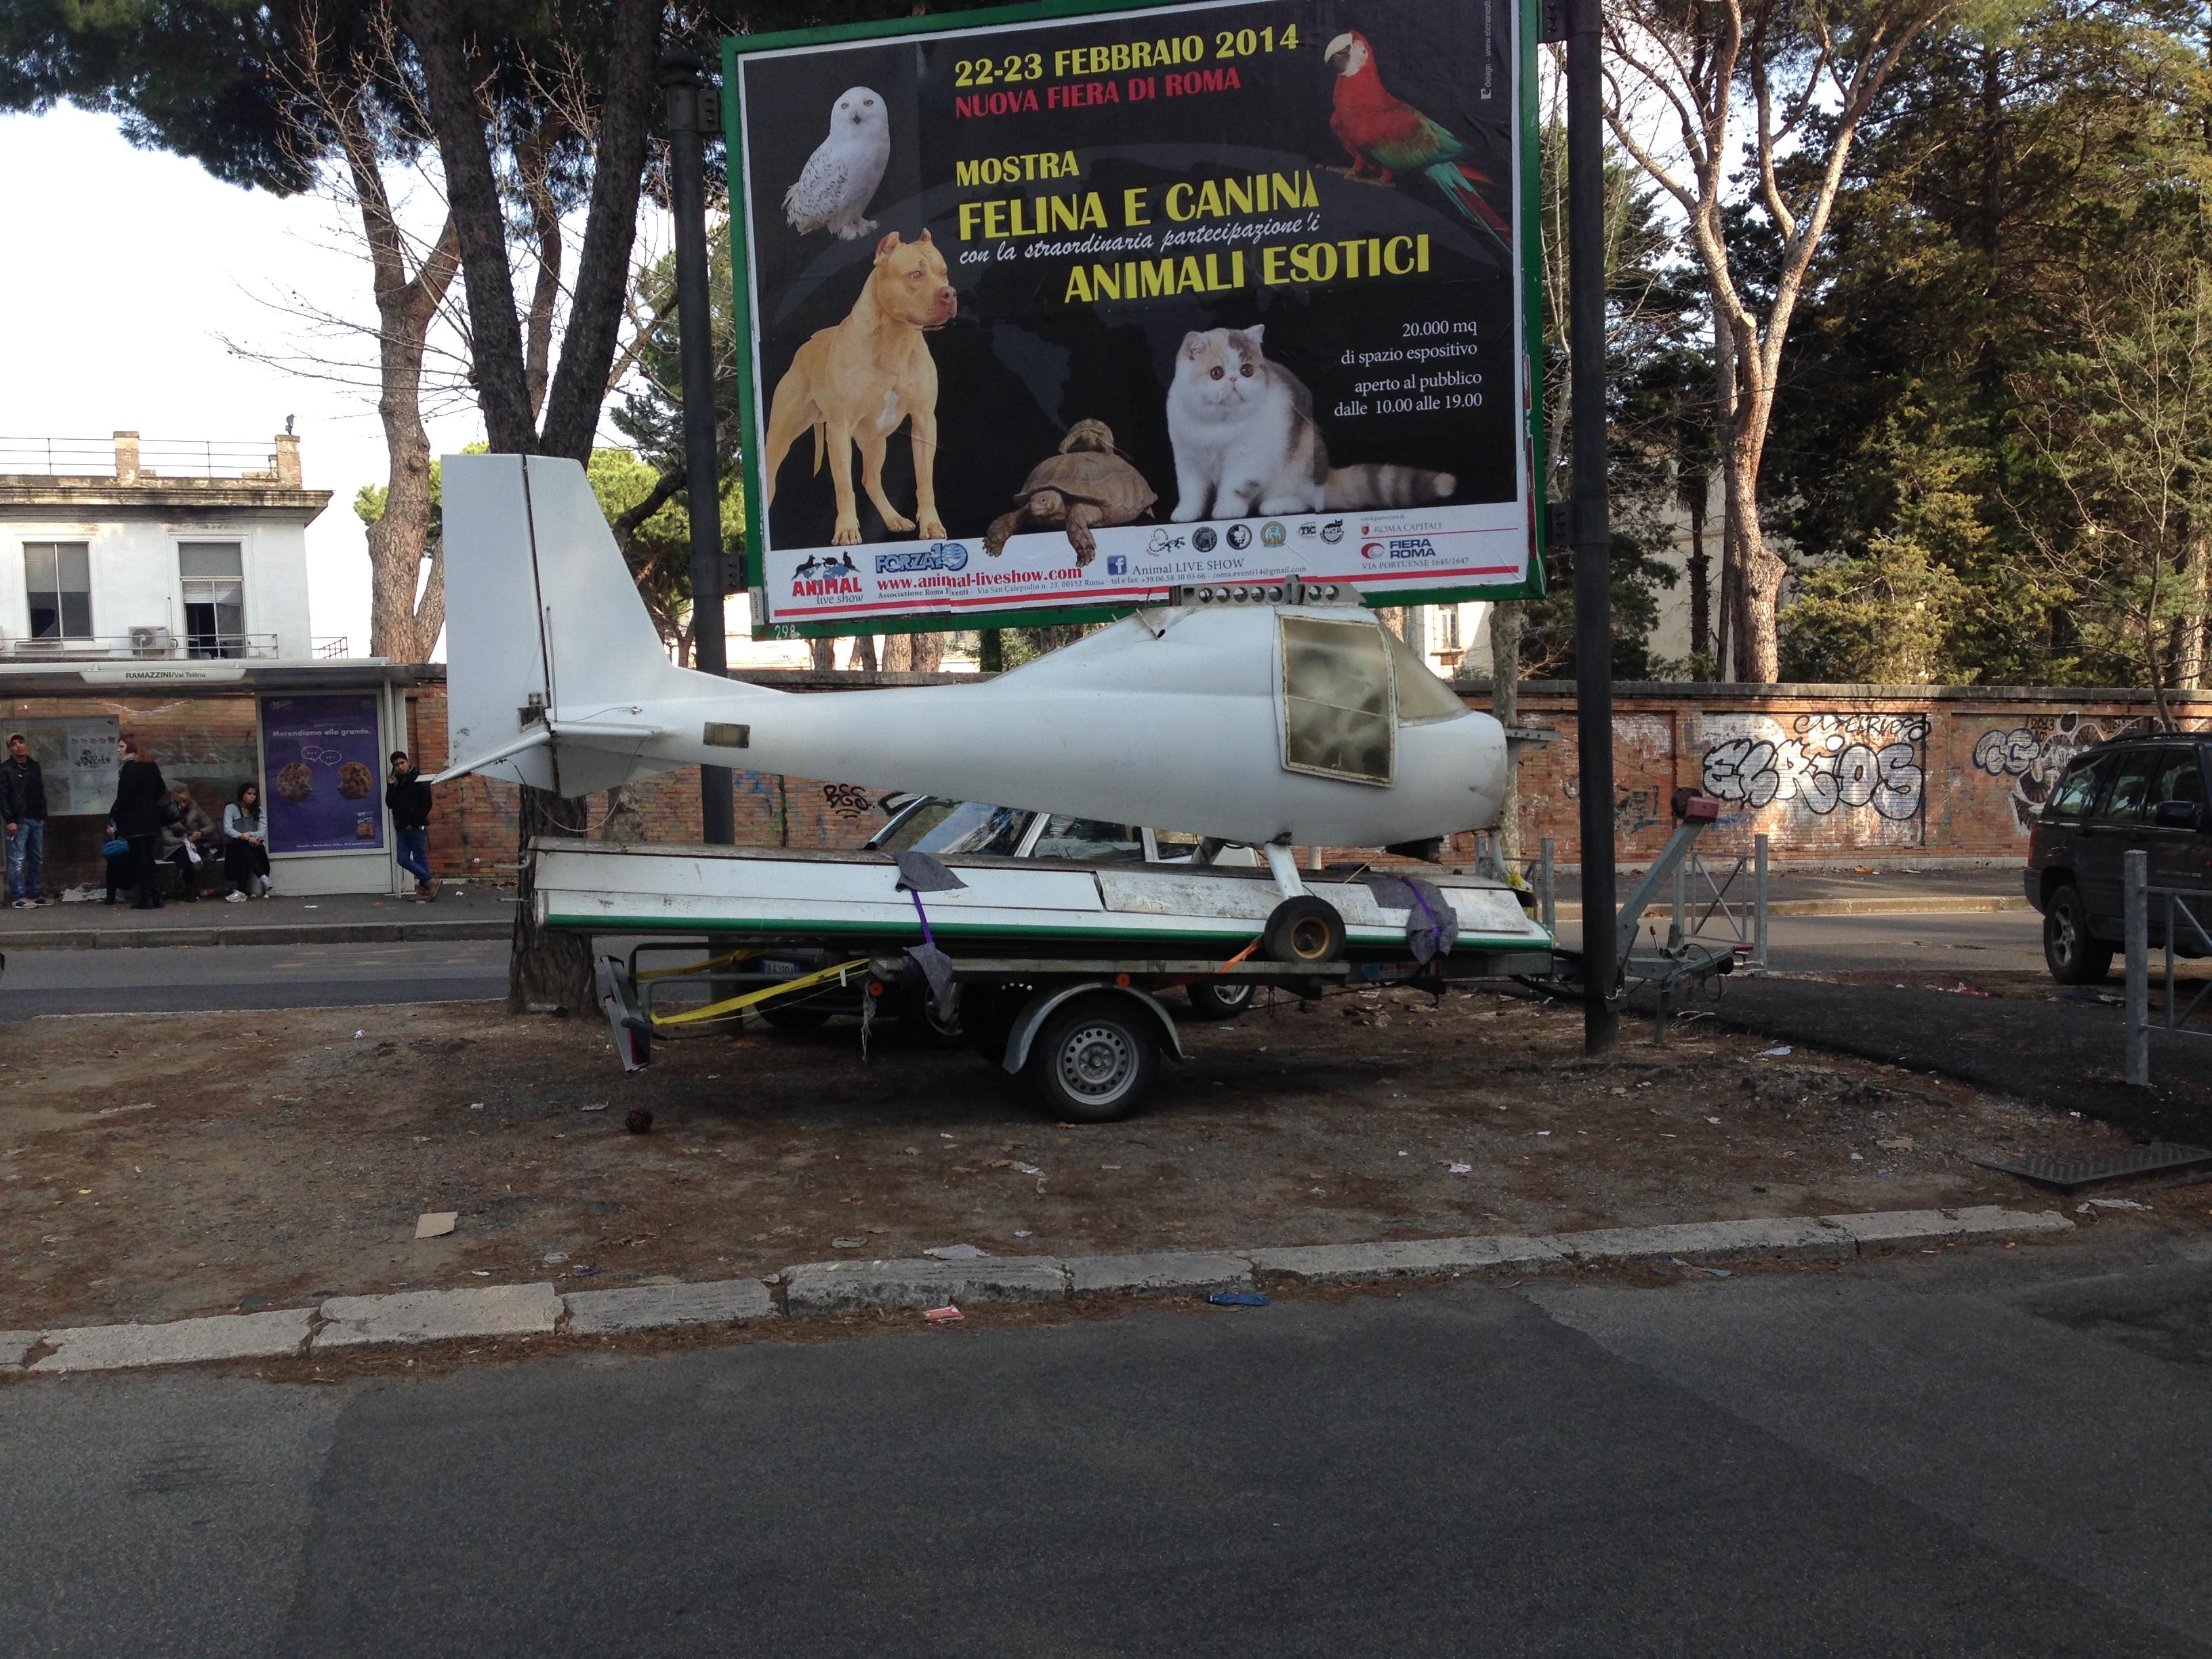 Via Ramazzini, un aereo ultraleggero parcheggiato sullo spartitraffico